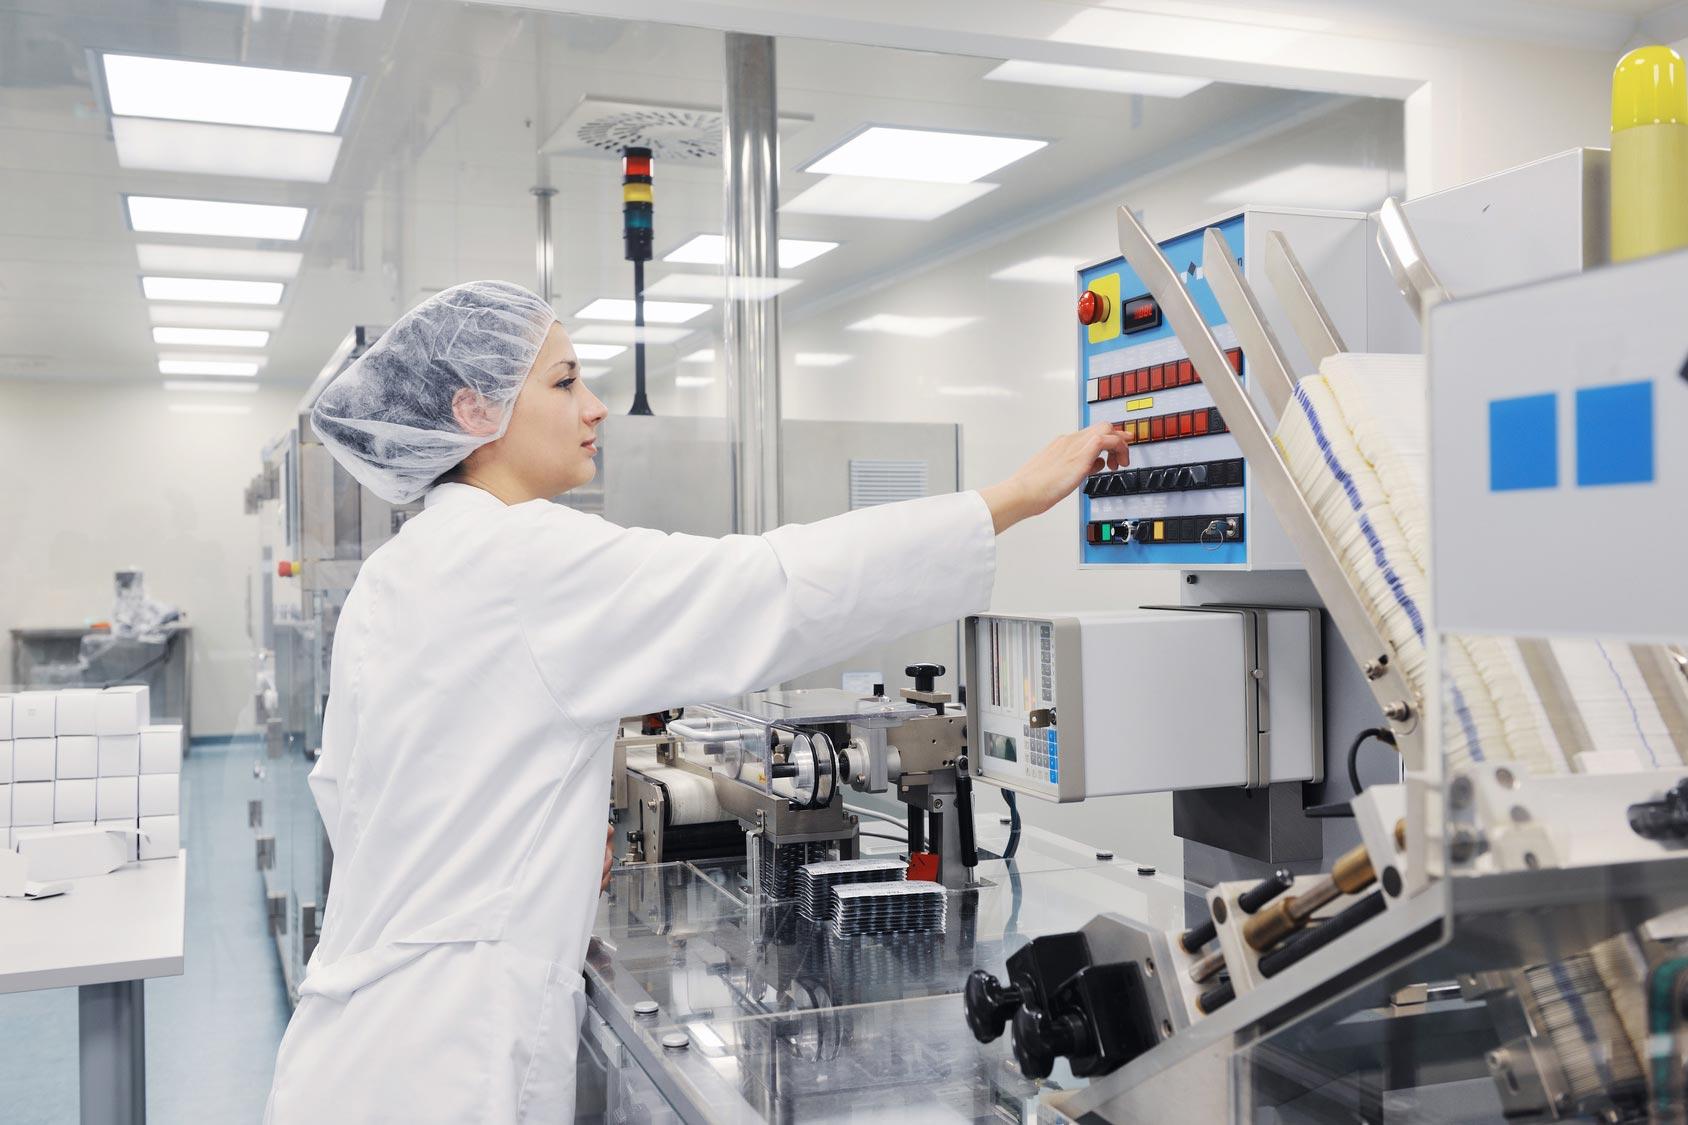 laboratoire-afi2c-maintenance-industrielle